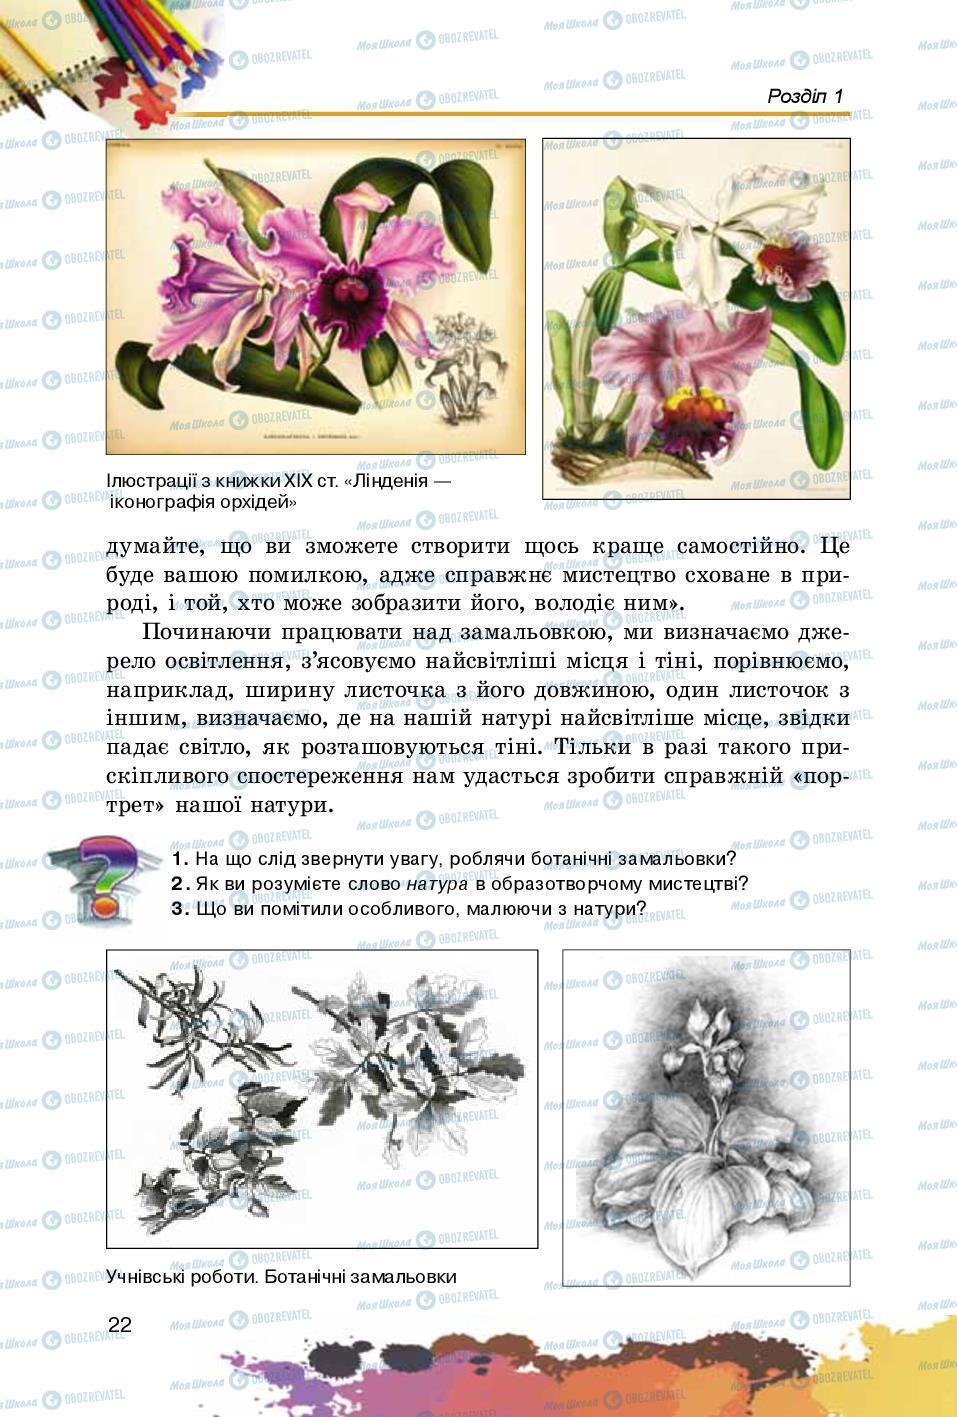 Підручники Образотворче мистецтво 5 клас сторінка 22